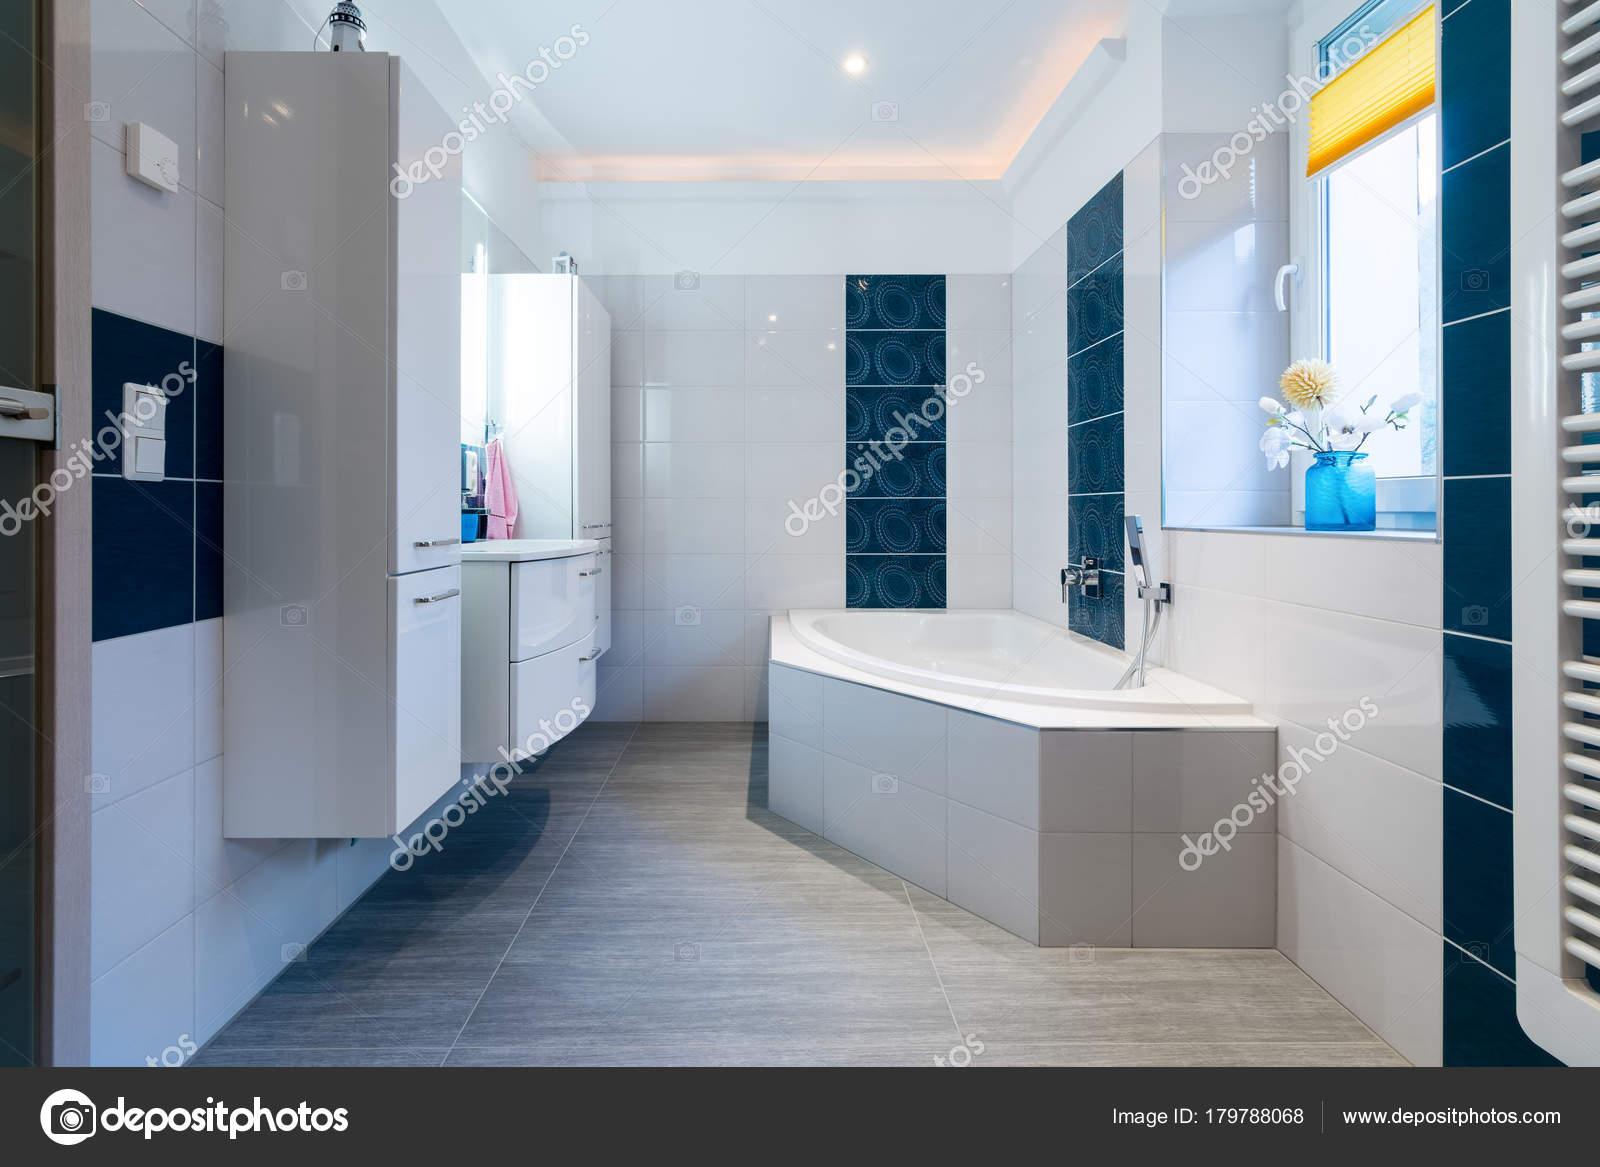 Moderno bagno lucide piastrelle bianche e blue vasca lavandino